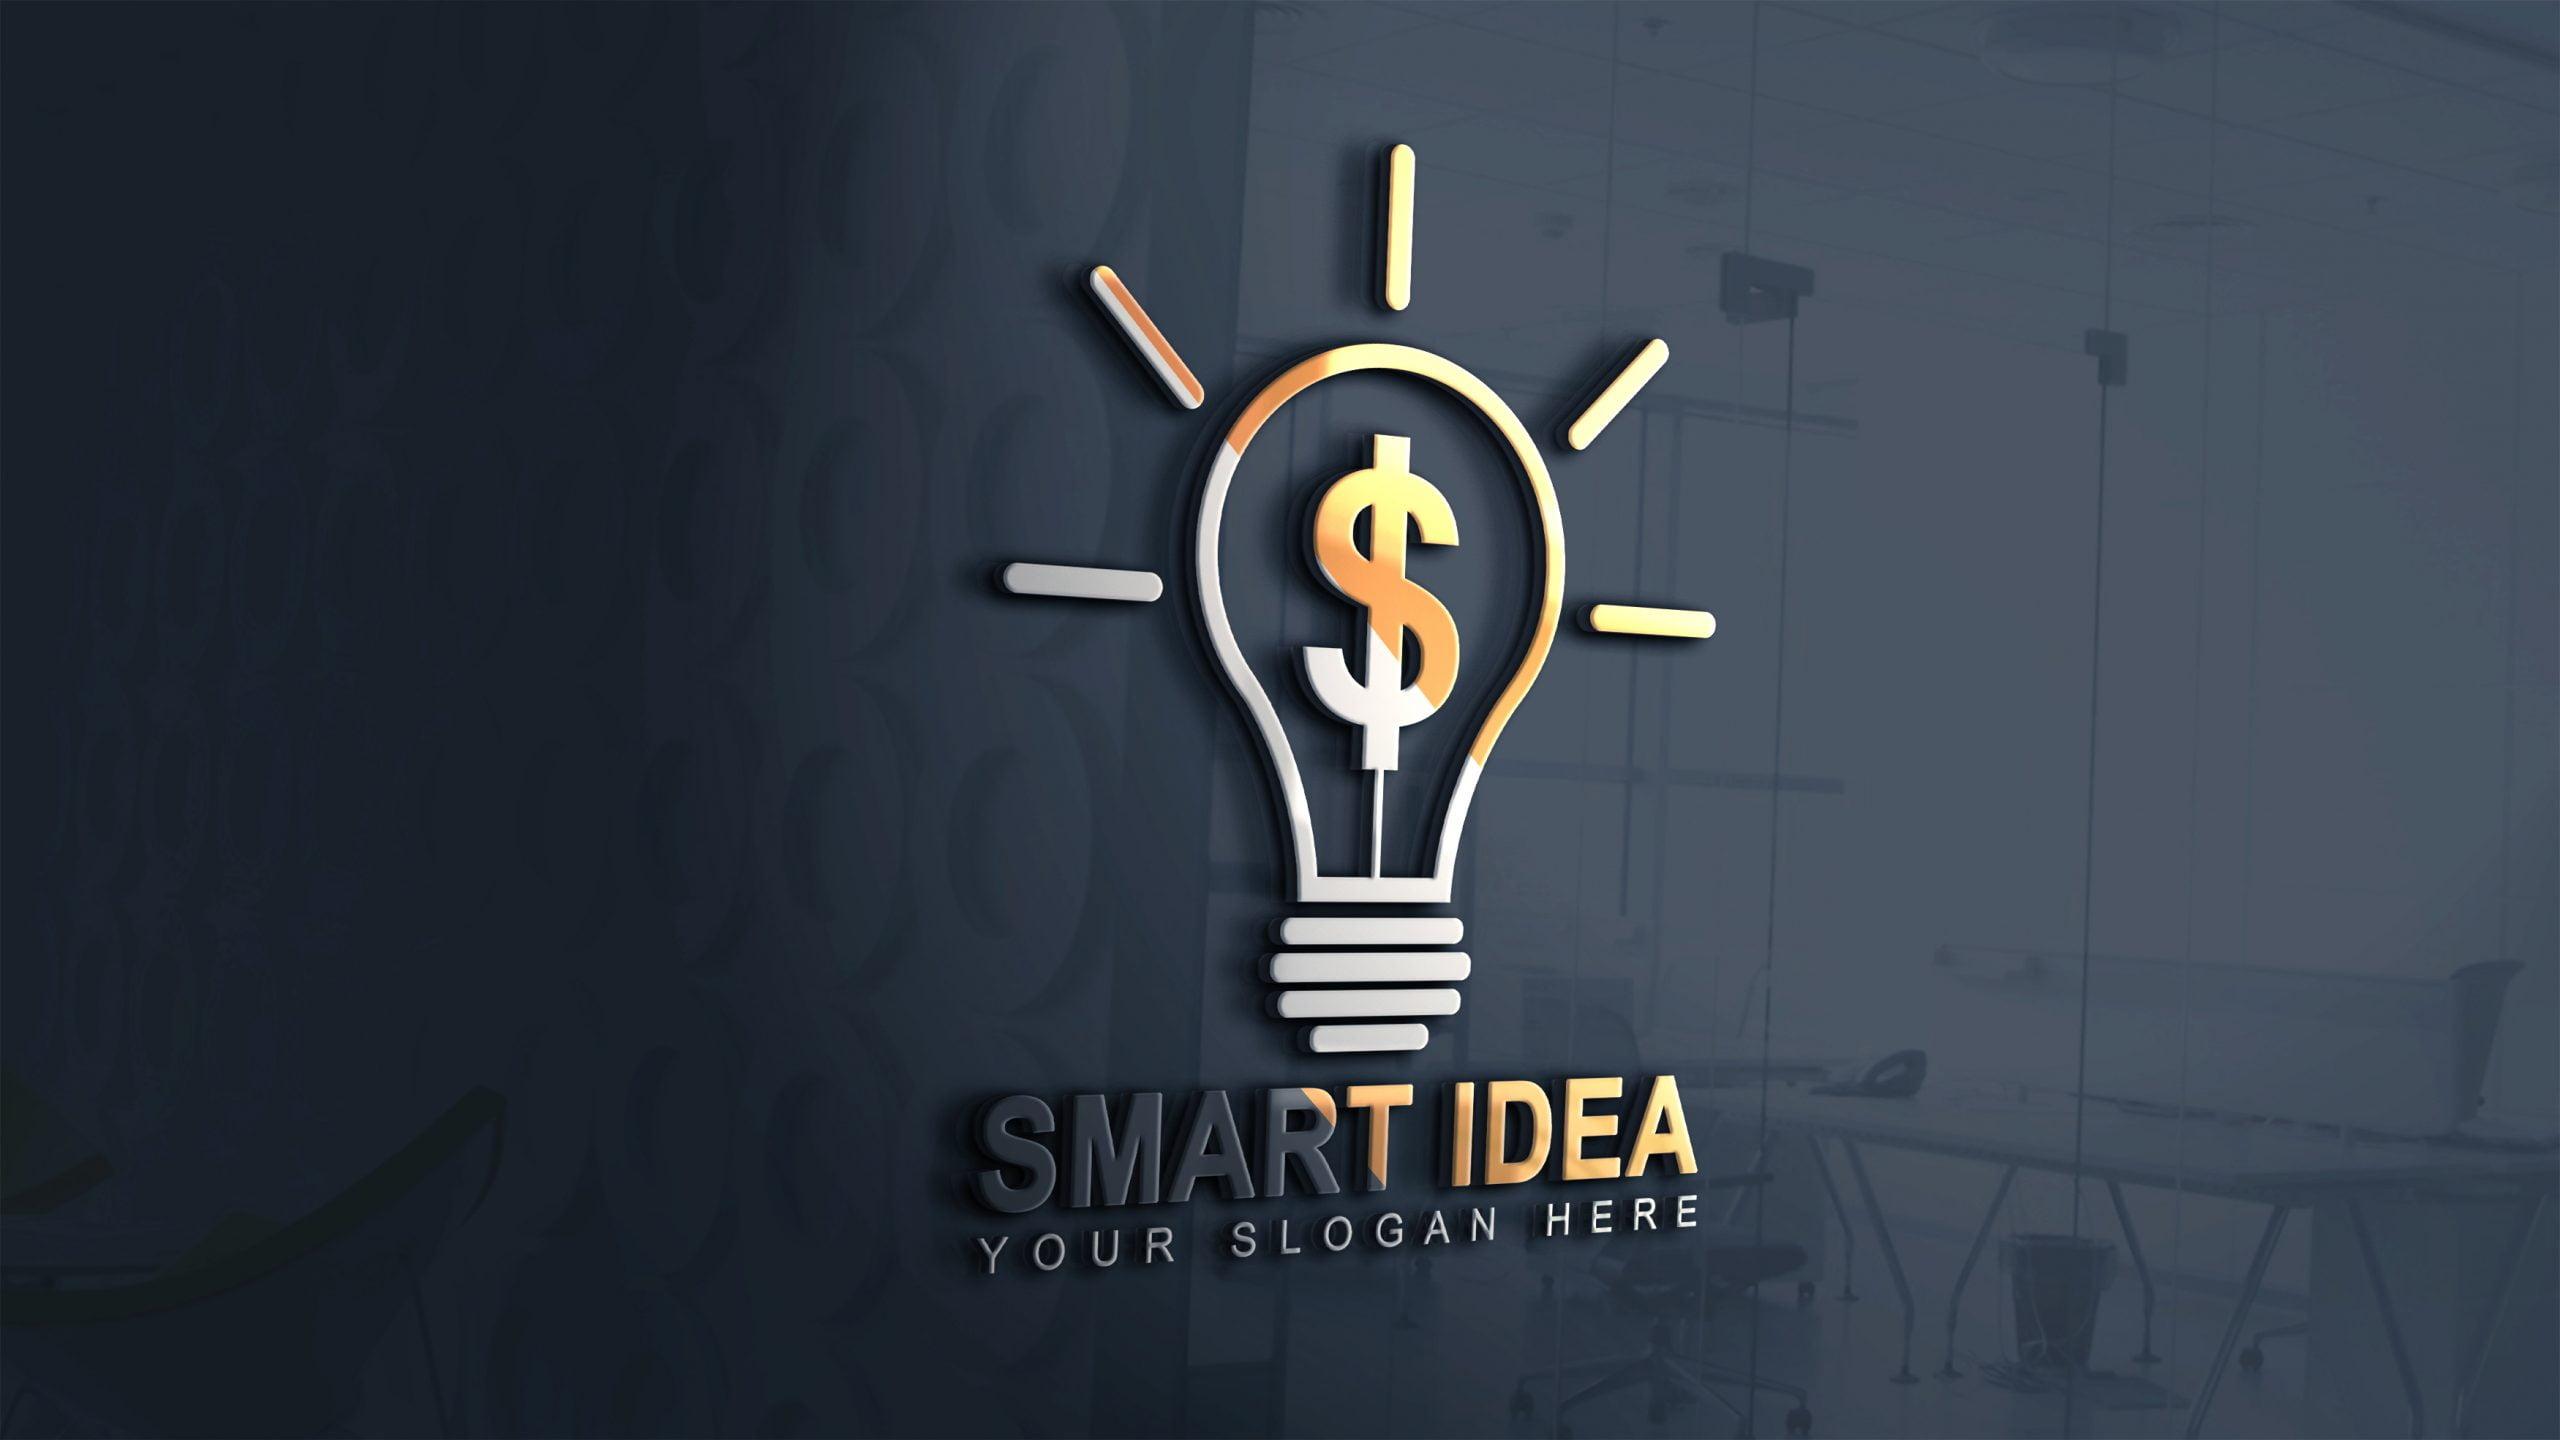 Smart Logo Jpeg 3d glass wall